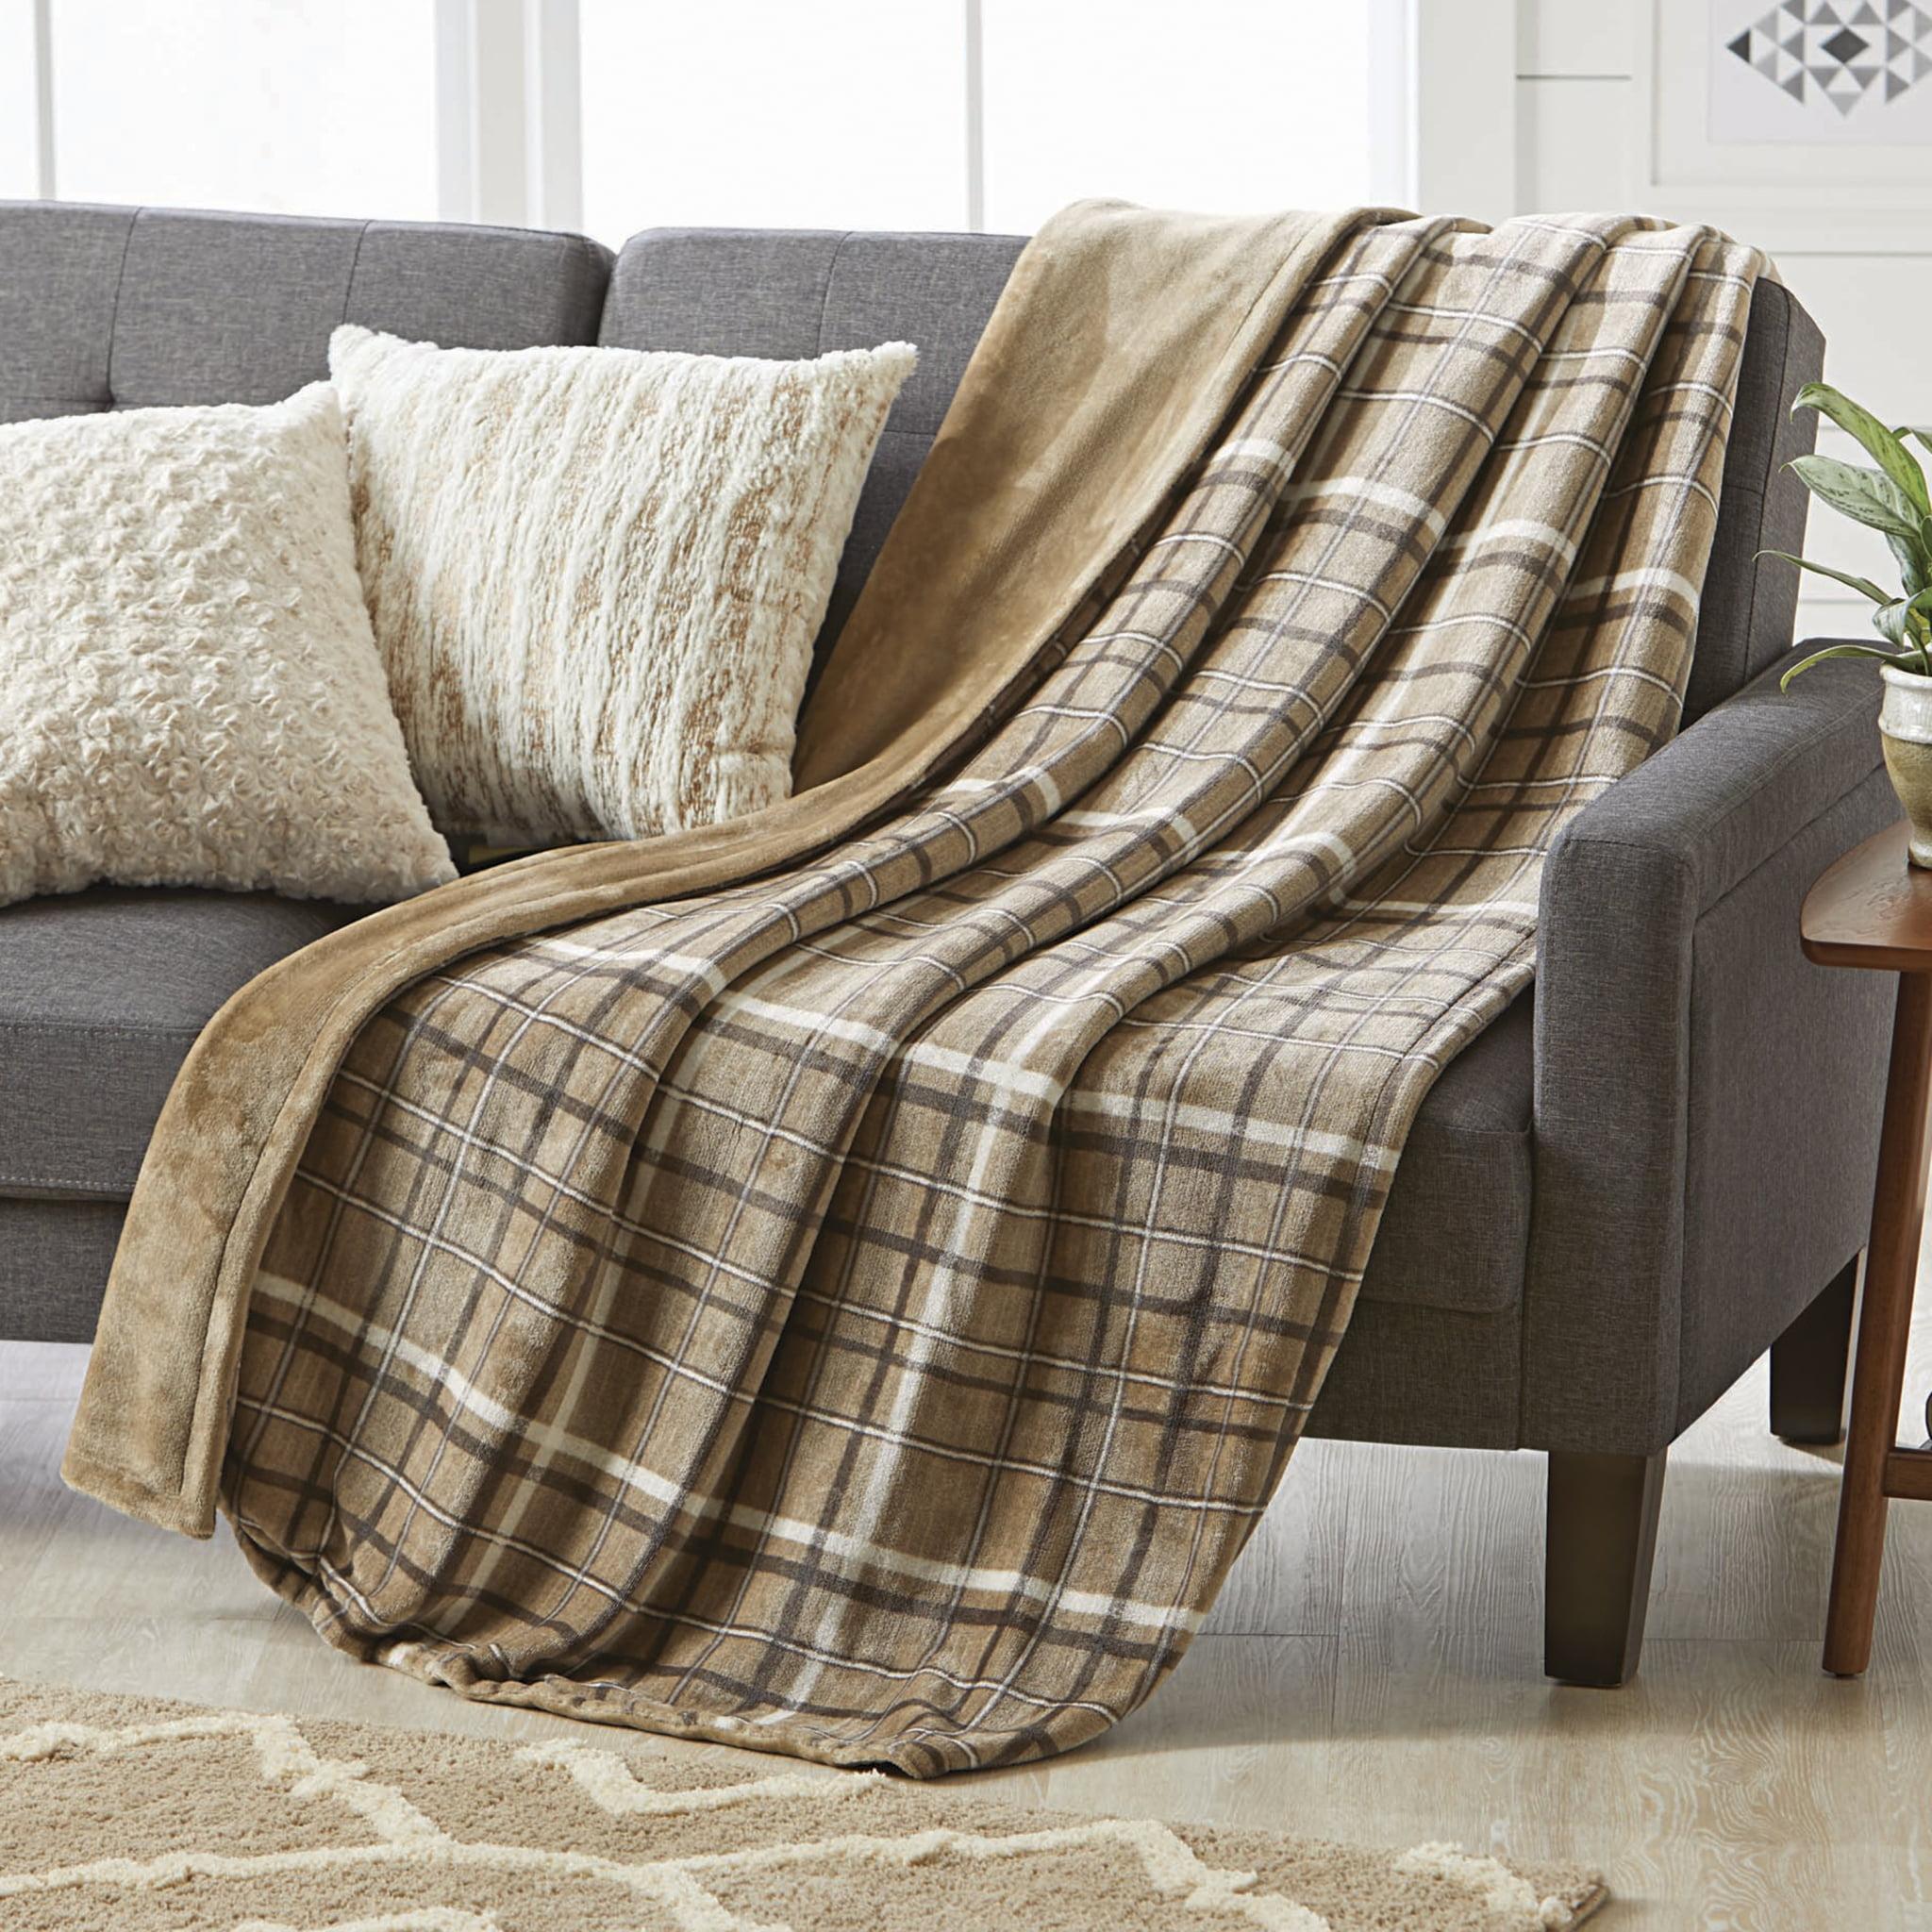 Better Homes and Gardens Oversize Reversible Velvet Plush Throw Blanket